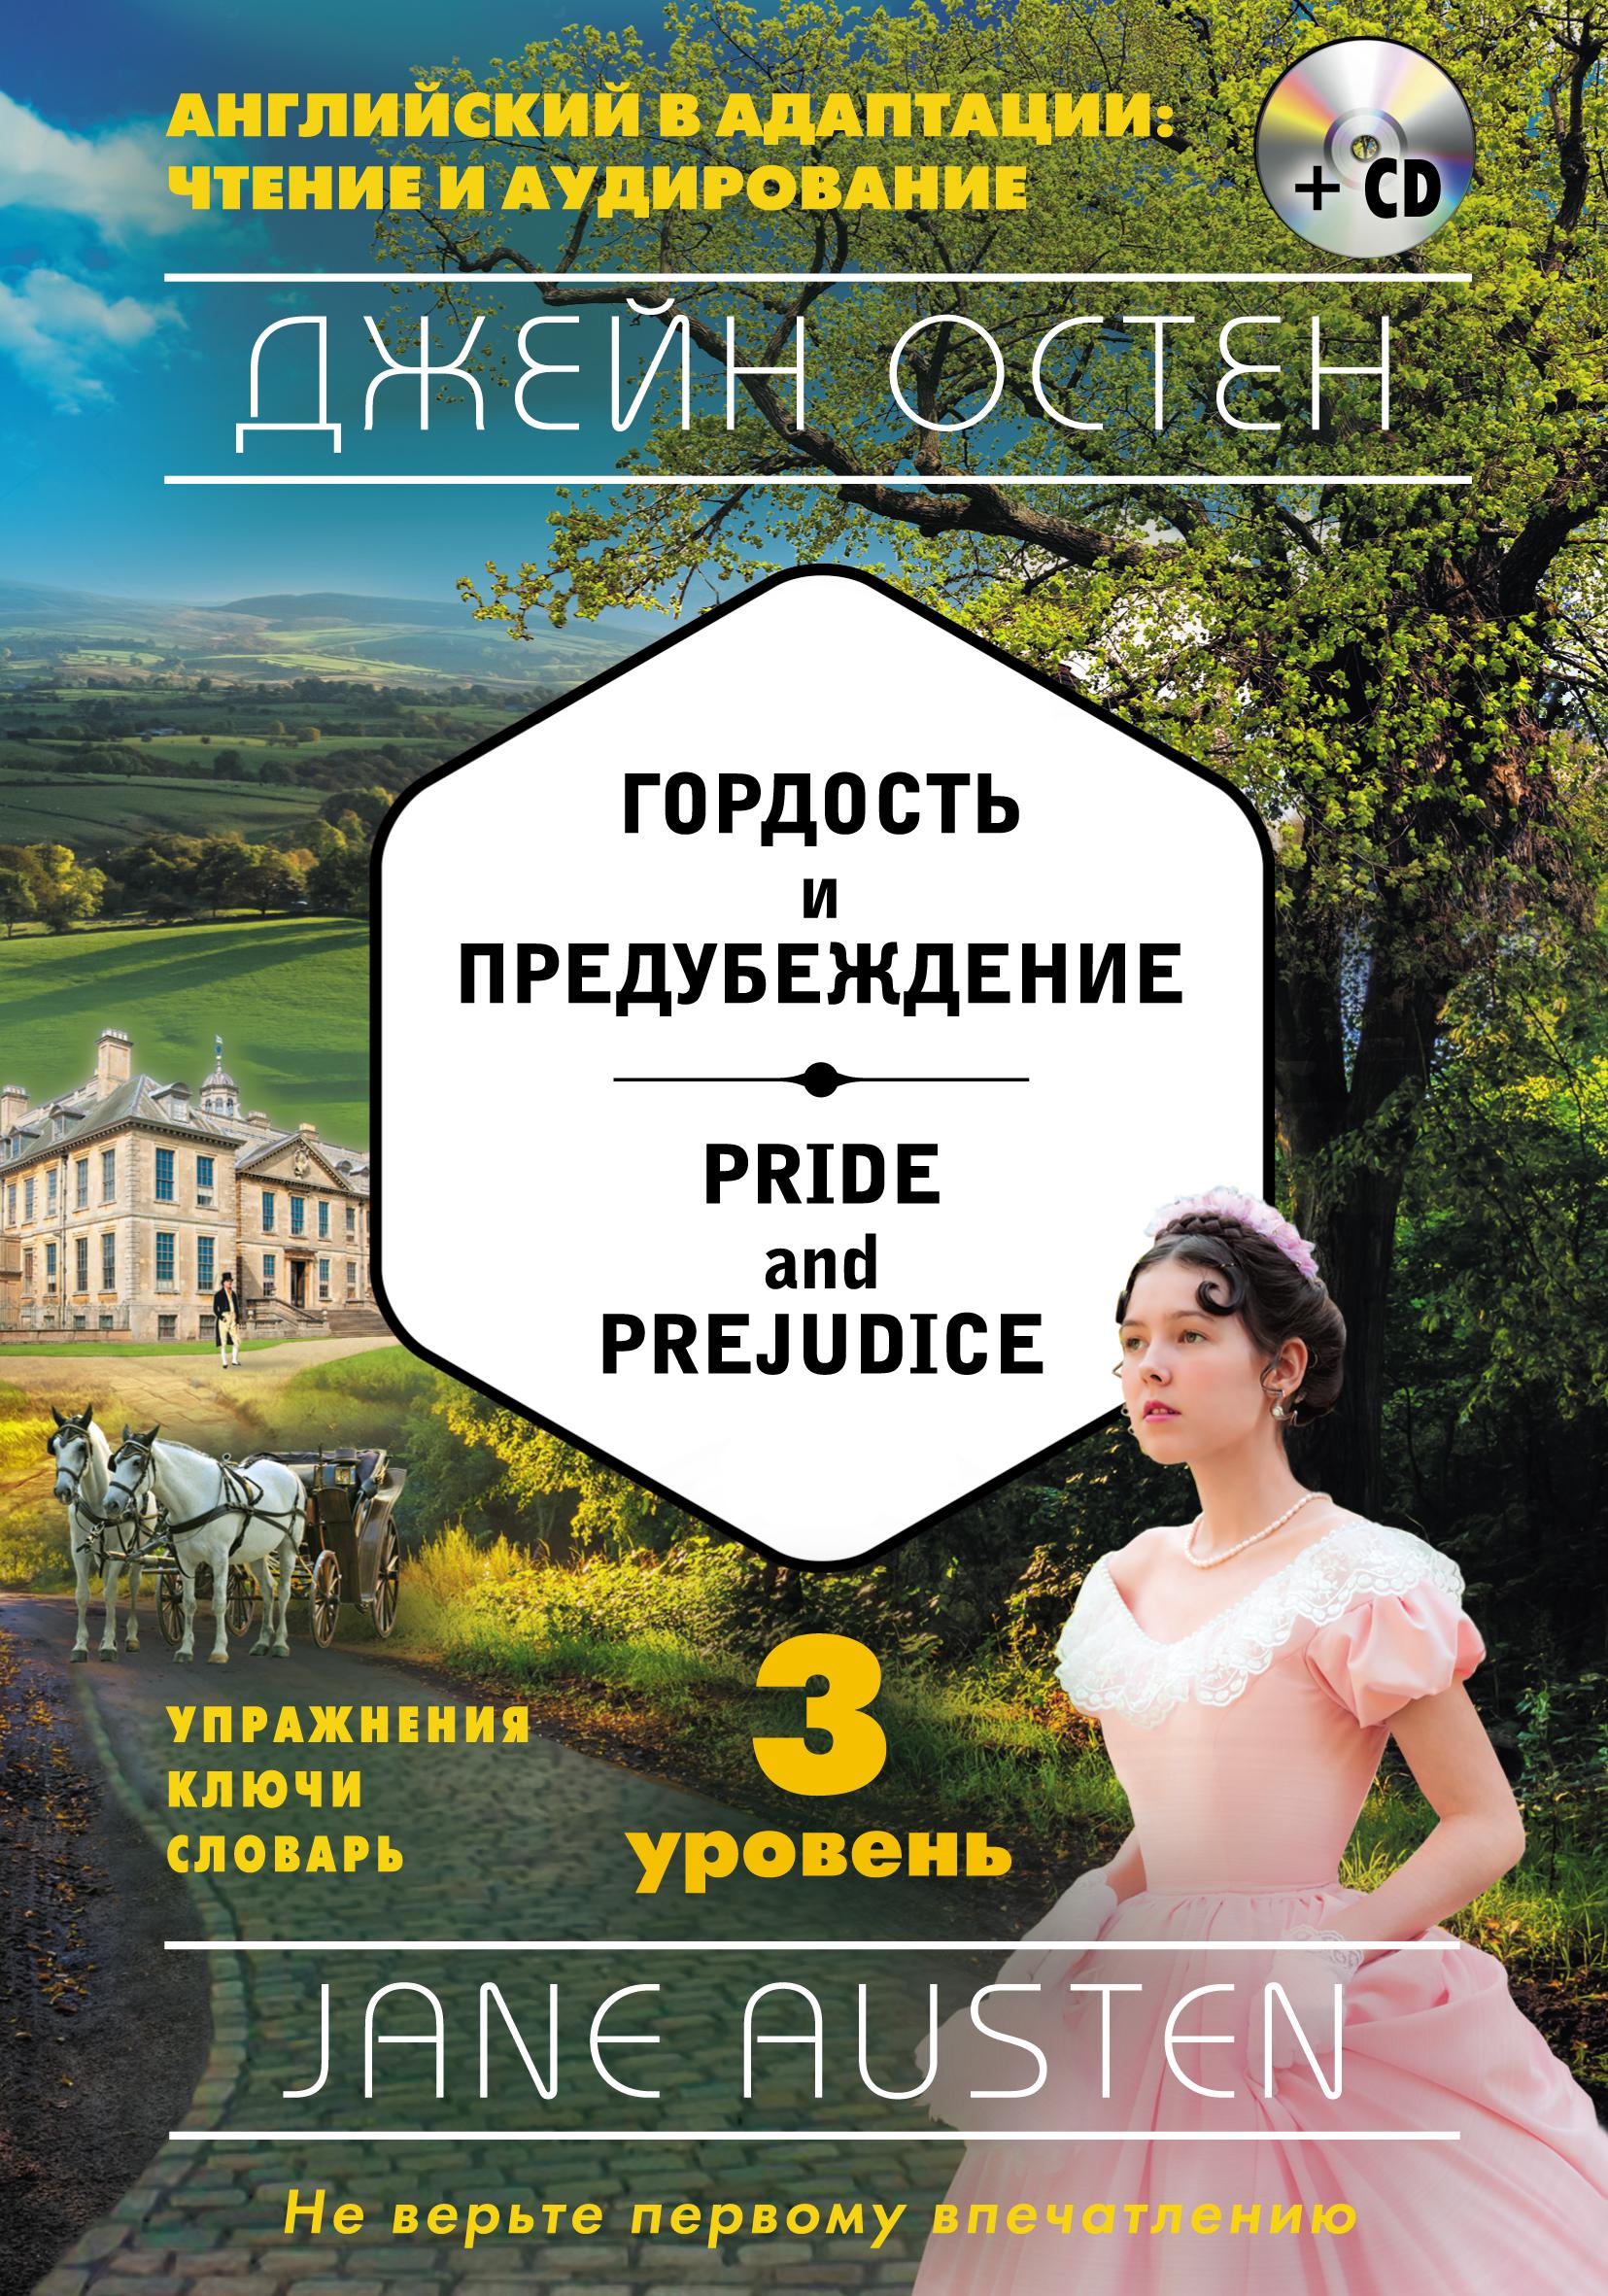 gordost i predubezhdenie pride and prejudice 3 uroven mp3